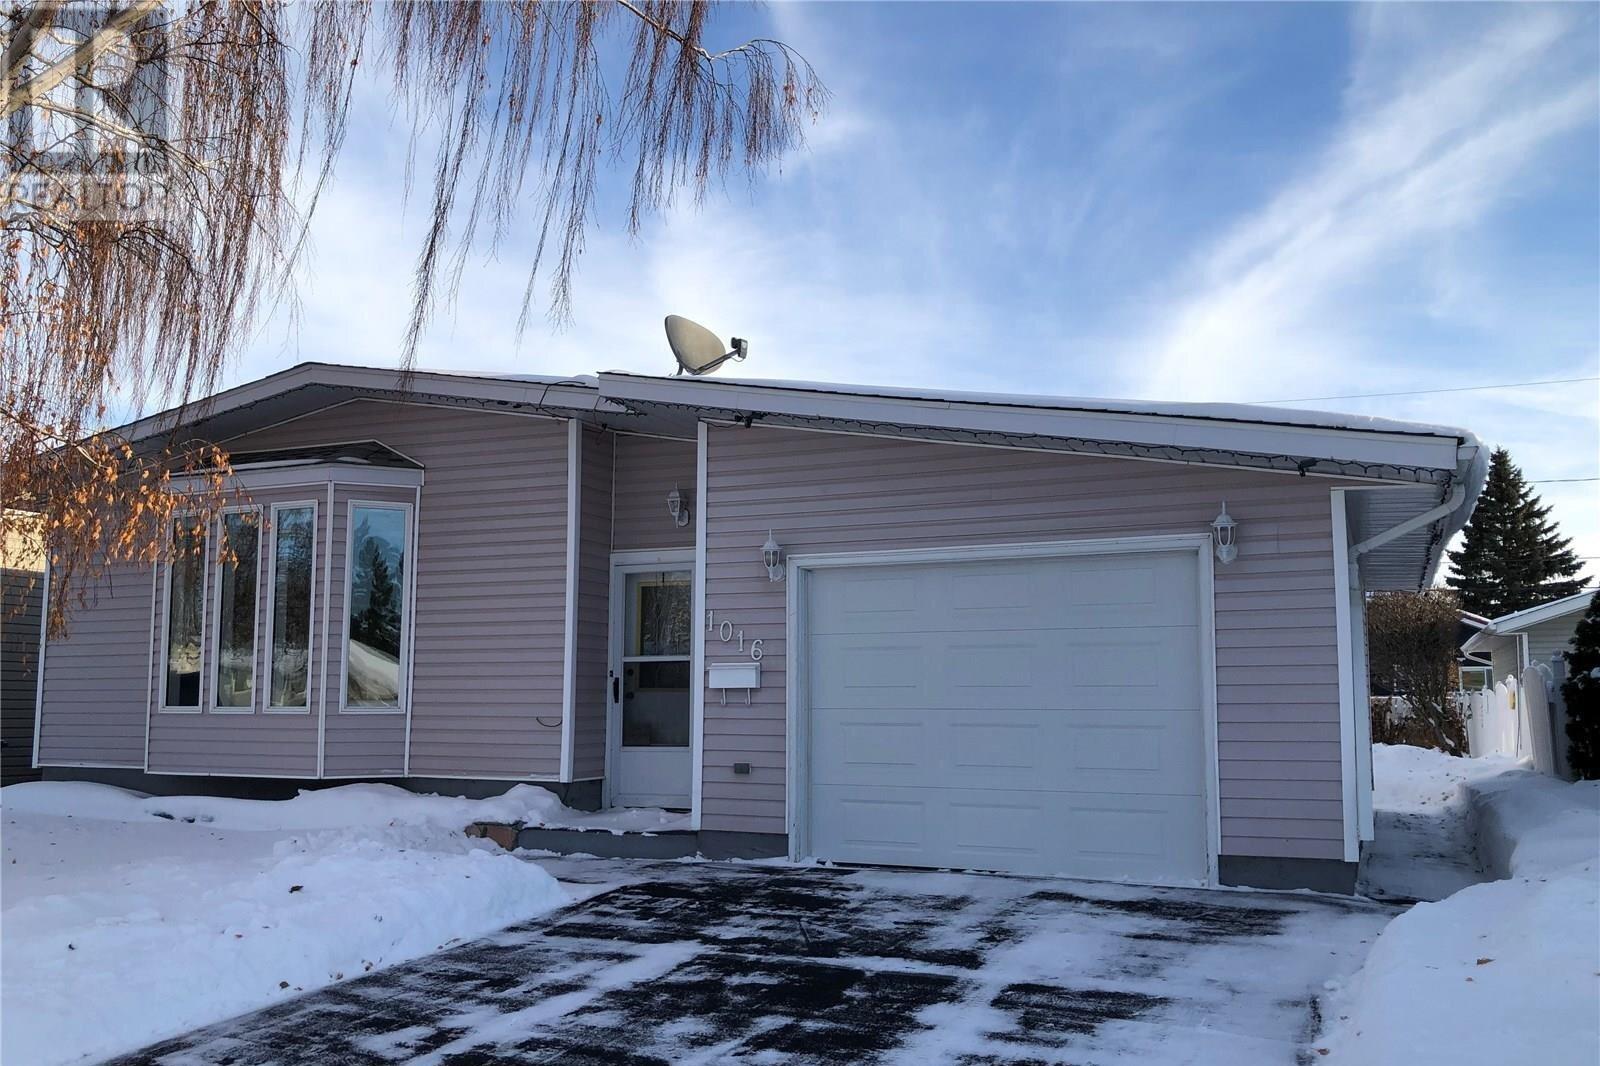 House for sale at 1016 14th St Humboldt Saskatchewan - MLS: SK820829